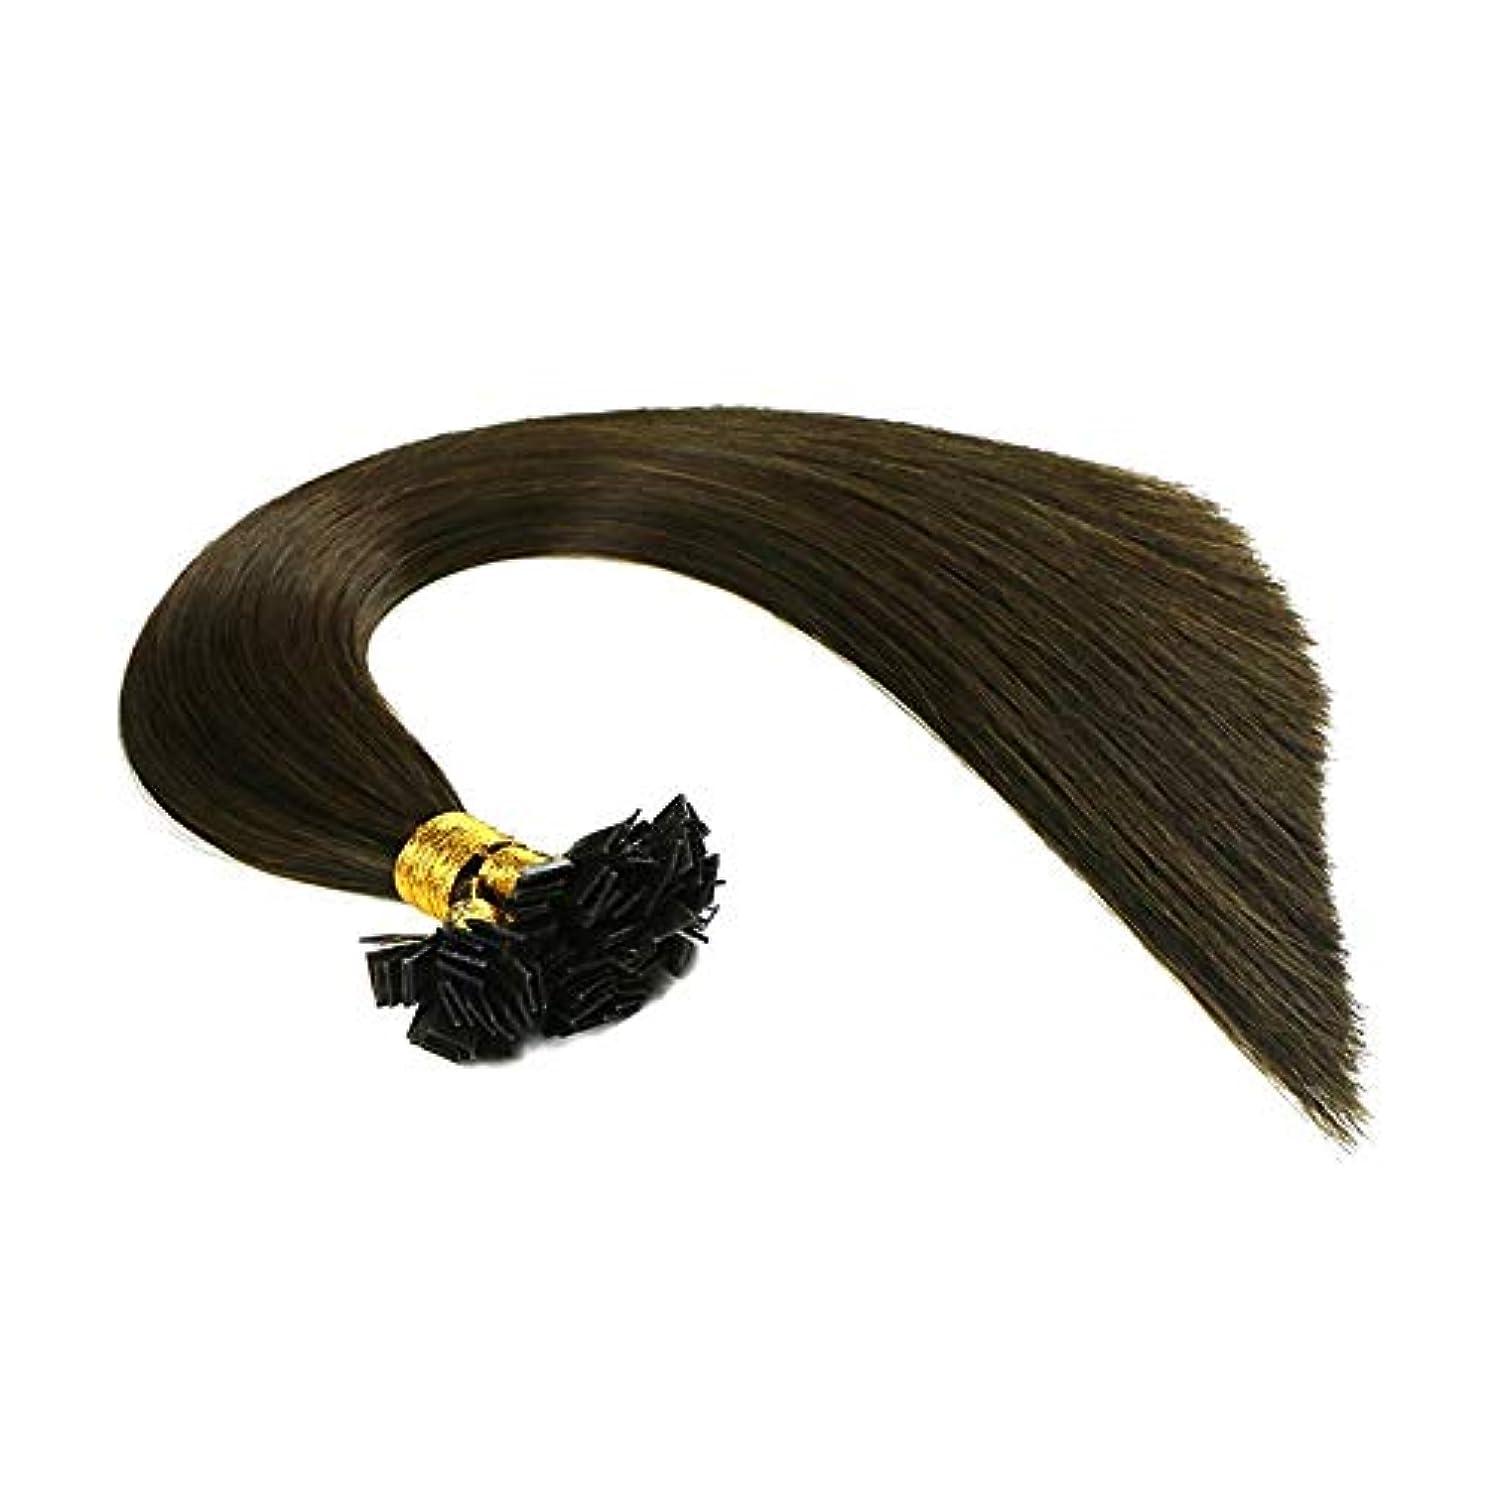 命令的比喩心理的WASAIO ナノリングヘアエクステンションブラジルヒトクリップUnseamed髪型交換用の変更のスタイル (色 : Photo color, サイズ : 26 inch)